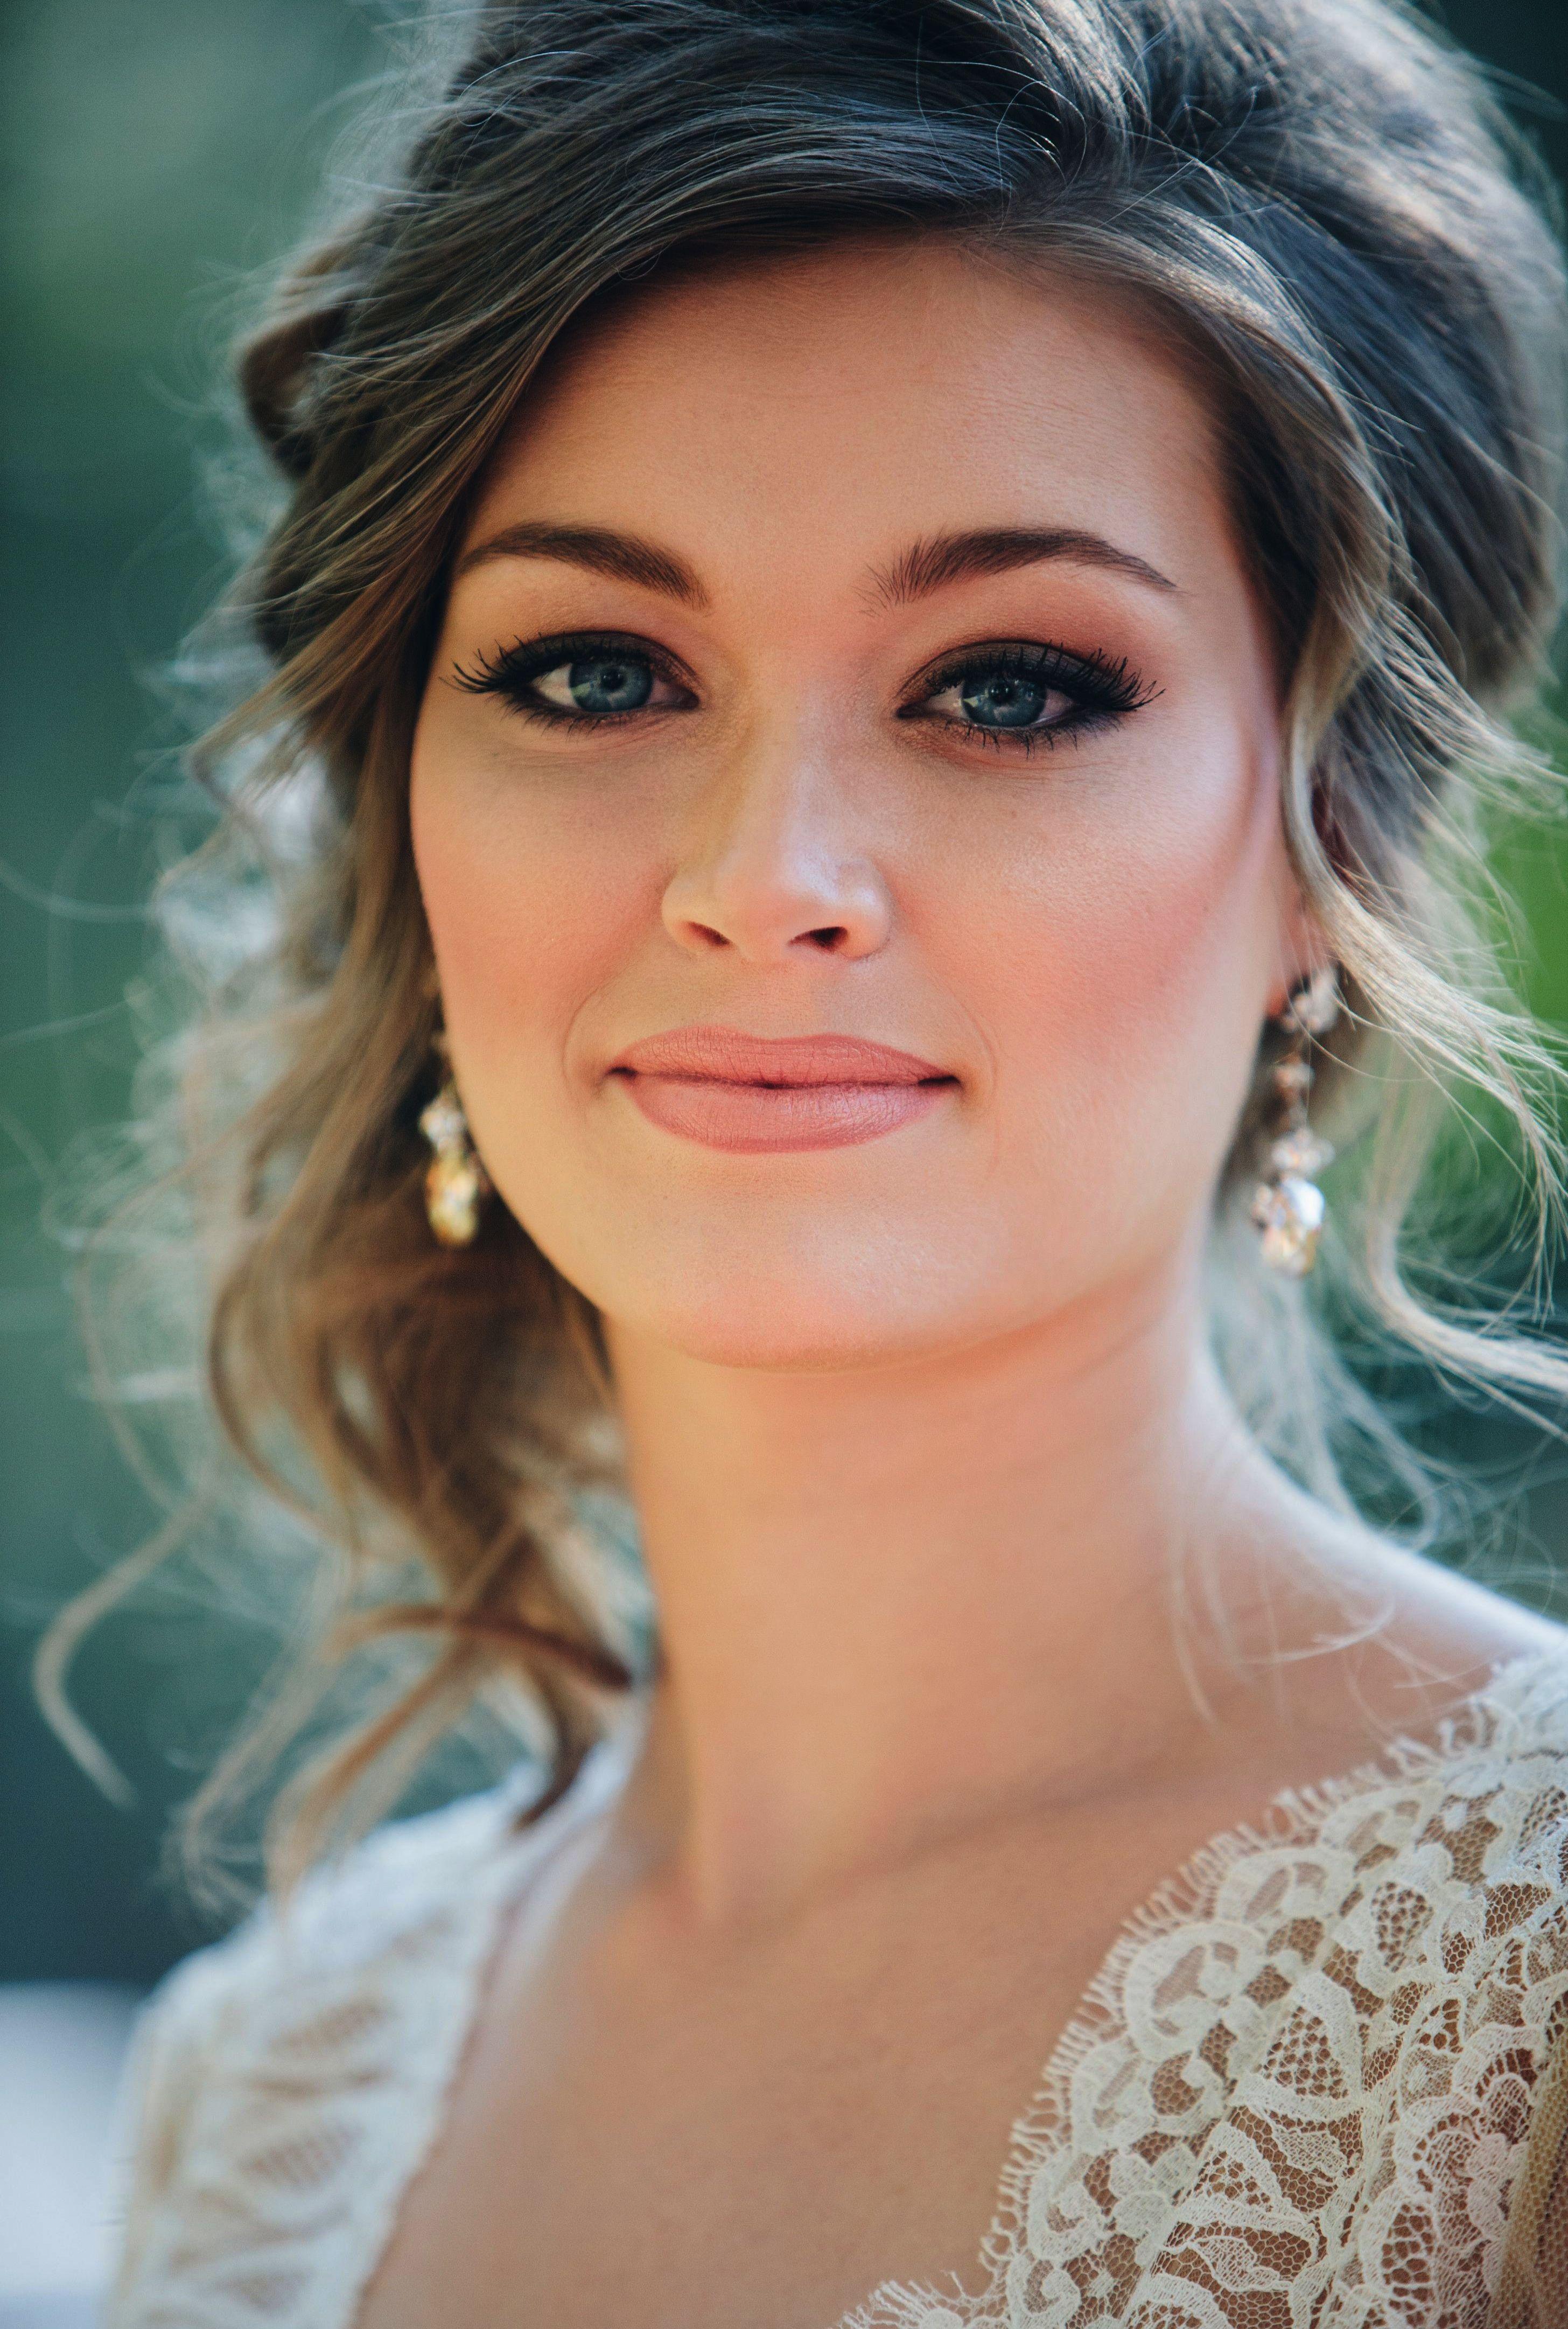 Simple wedding guest hairstyles diy simple wedding hairstyles